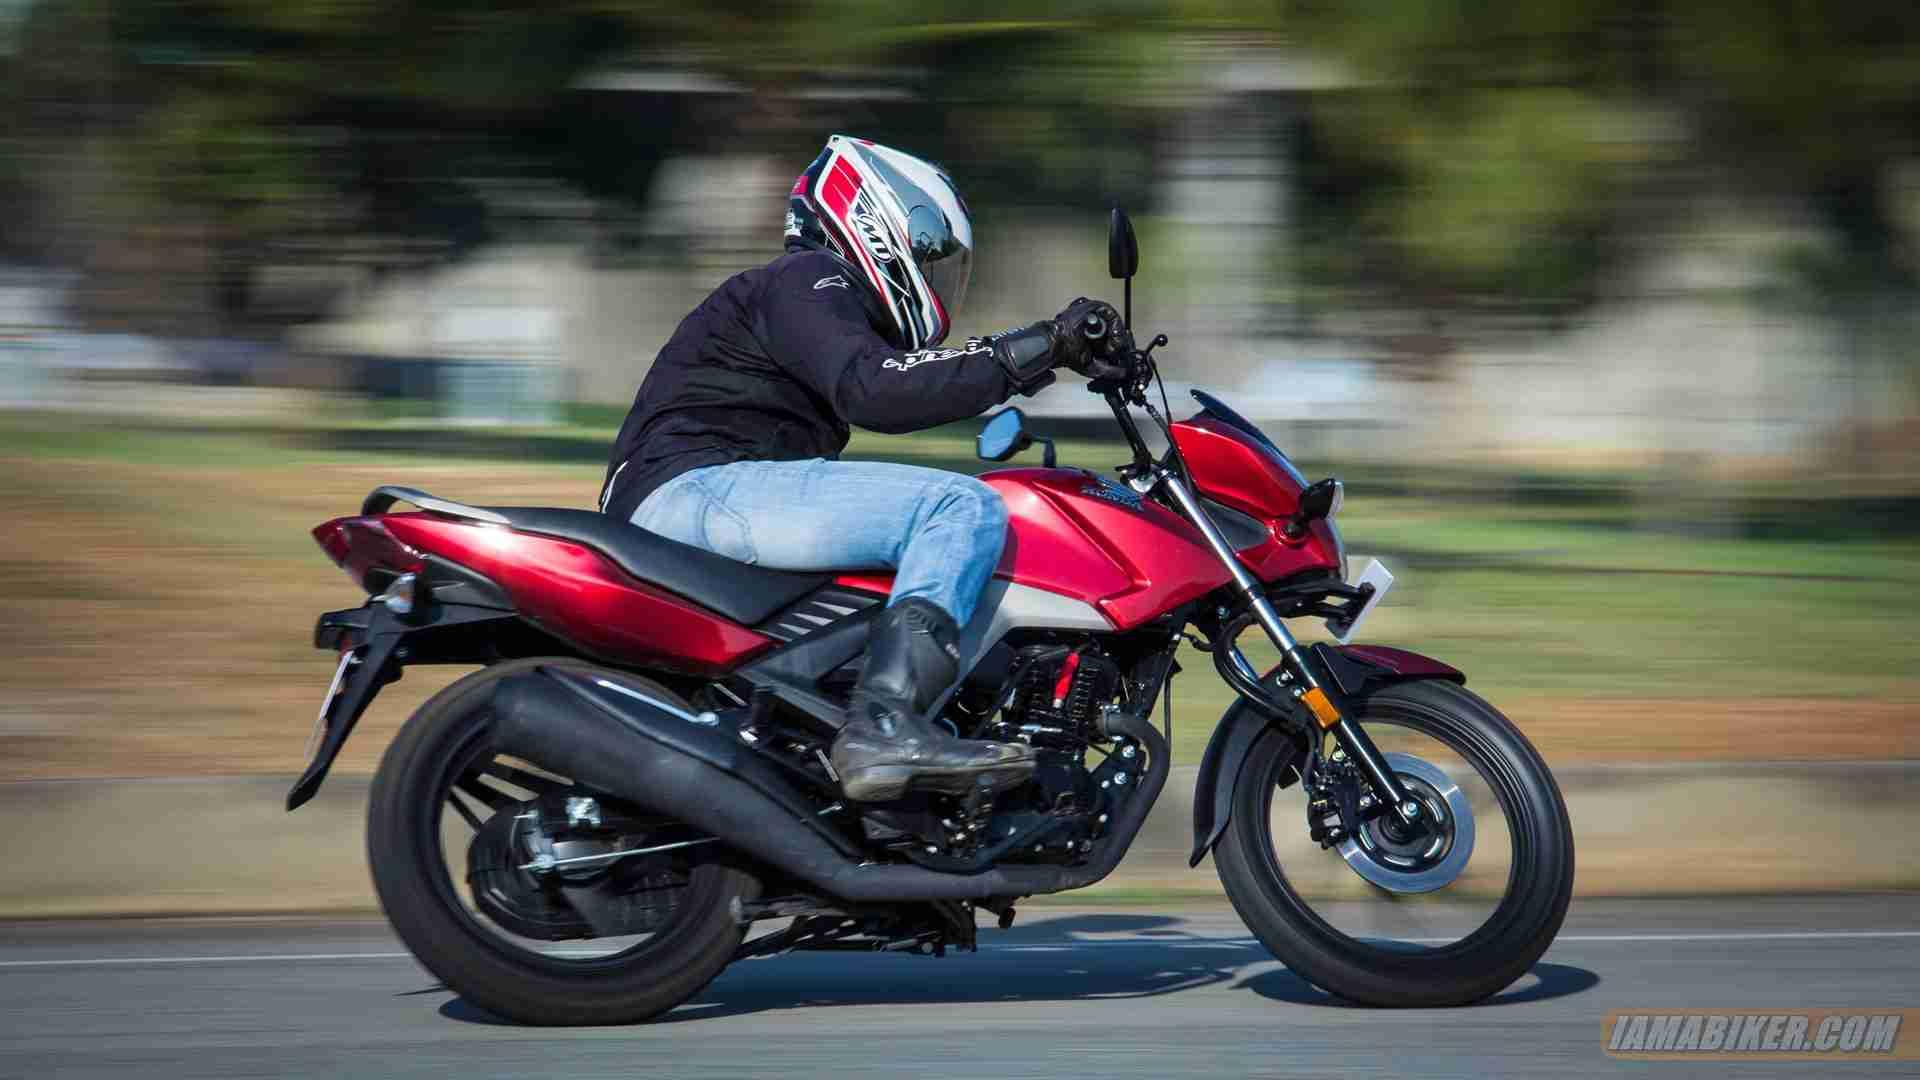 Honda CB Unicorn 160 CBS review - handling and braking